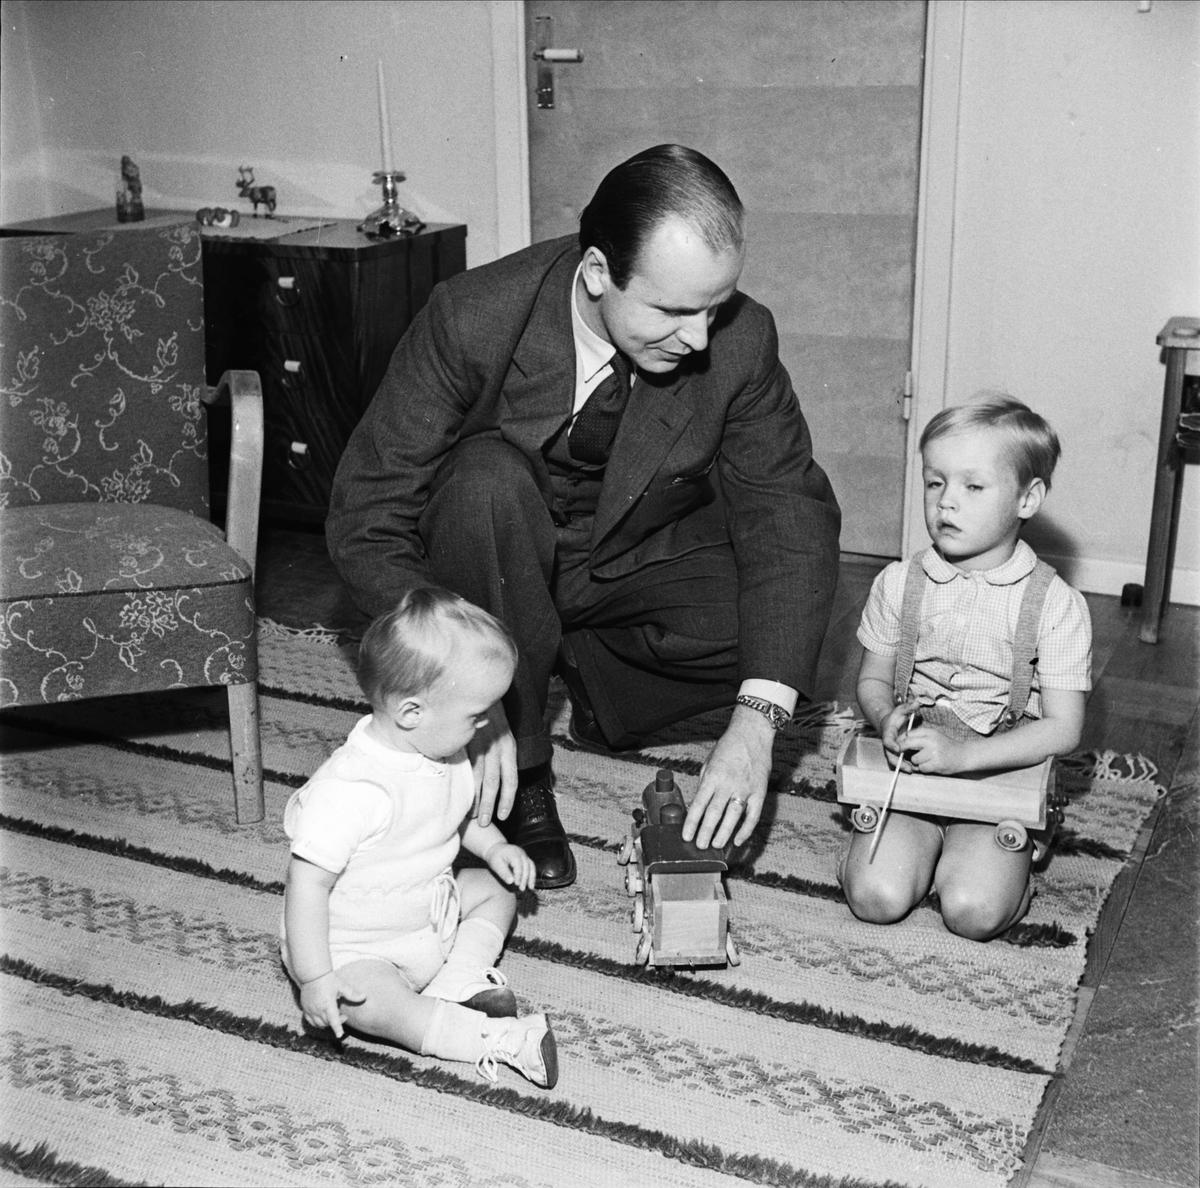 Statsrådet och landshövdingen Ragnar Edenman leker med sina barn, Uppsala